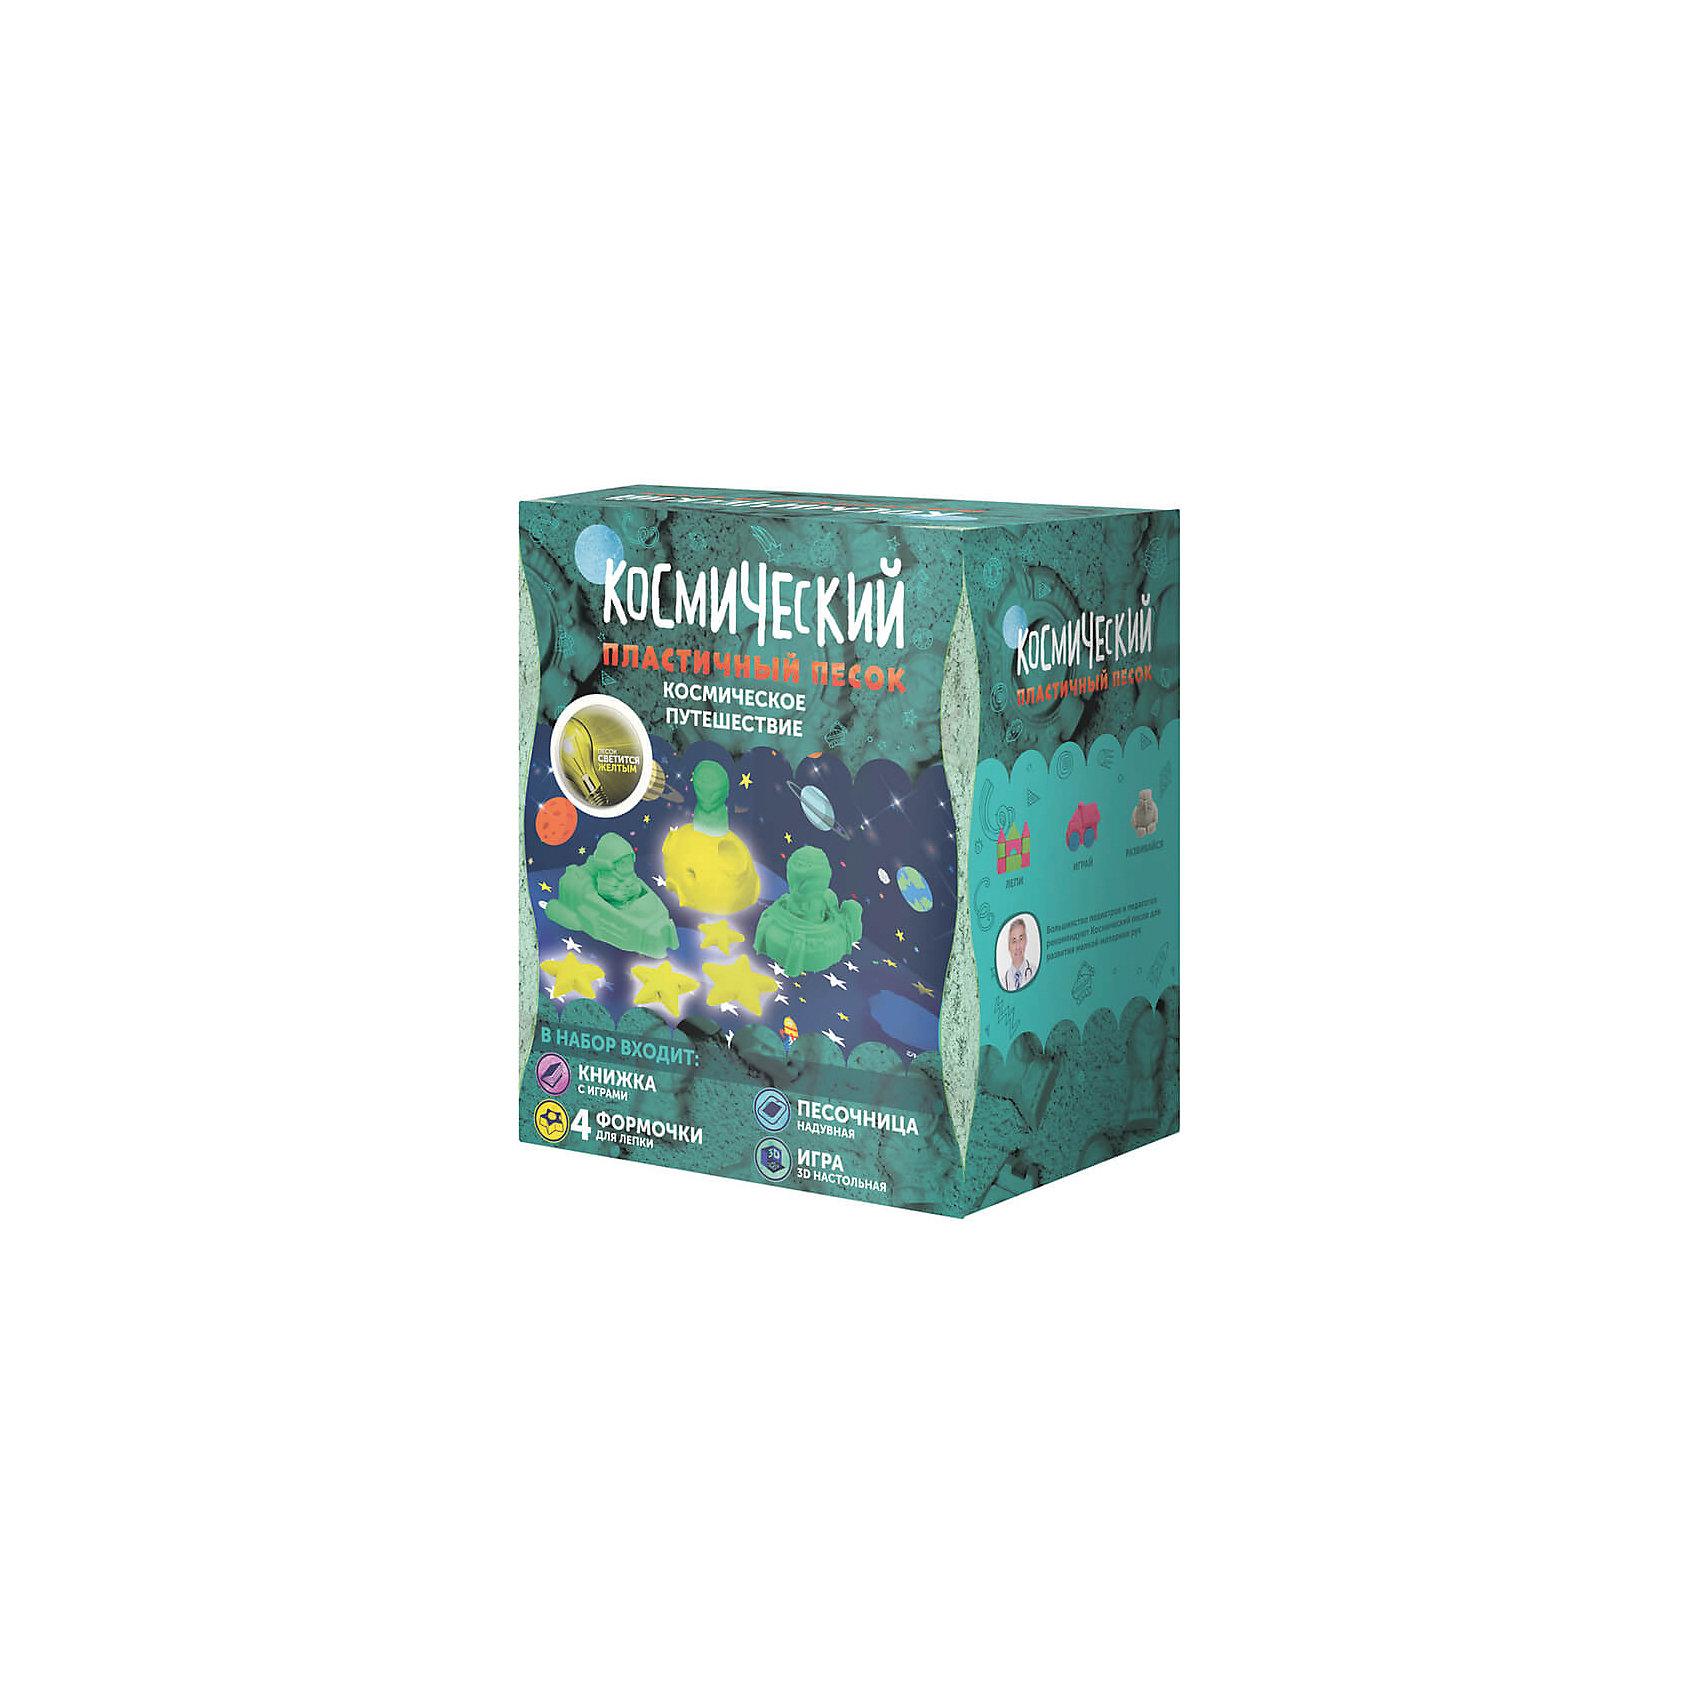 Набор Космическое путешествие 1 кг, Космический песокКинетический песок<br>Характеристики товара:<br><br>• цвет: разноцветный<br>• размер упаковки: 26 x 23 x 8 см<br>• вес: 1500 г<br>• комплектация: большая надувная песочница, 1 кг песка розового цвета, 4 формы для лепки, трехмерная настольная игра, книжка с развивающими играми и пошаговыми инструкциями<br>• песок светится в темноте<br>• подходит для игр дома<br>• возраст: от двух лет<br>• упаковка: коробка<br>• страна бренда: РФ<br>• страна изготовитель: РФ<br><br>Такой набор станет отличным подарком ребенку - ведь с помощью кинетического песка можно создавать фигуры легко и весело! В набор входит целый килограмм песка и набор для игры с ним дома. Песок легко принимает нужную форму и так же легко распадается на песчинки. Играть можно бесконечно! Песок легко собирается, не красится и оставляет пятен на одежде.<br>Детям очень нравится что-то делать своими руками. Кроме того, творчество помогает детям развивать важные навыки и способности, оно активизирует мышление, формирует усидчивость, творческие способности, мелкую моторику и воображение. Изделие производится из качественных и проверенных материалов, которые безопасны для детей.<br><br>Набор Космическое путешествие 1 кг, от бренда Космический песок можно купить в нашем интернет-магазине.<br><br>Ширина мм: 260<br>Глубина мм: 75<br>Высота мм: 230<br>Вес г: 1500<br>Возраст от месяцев: 36<br>Возраст до месяцев: 84<br>Пол: Унисекс<br>Возраст: Детский<br>SKU: 5168930